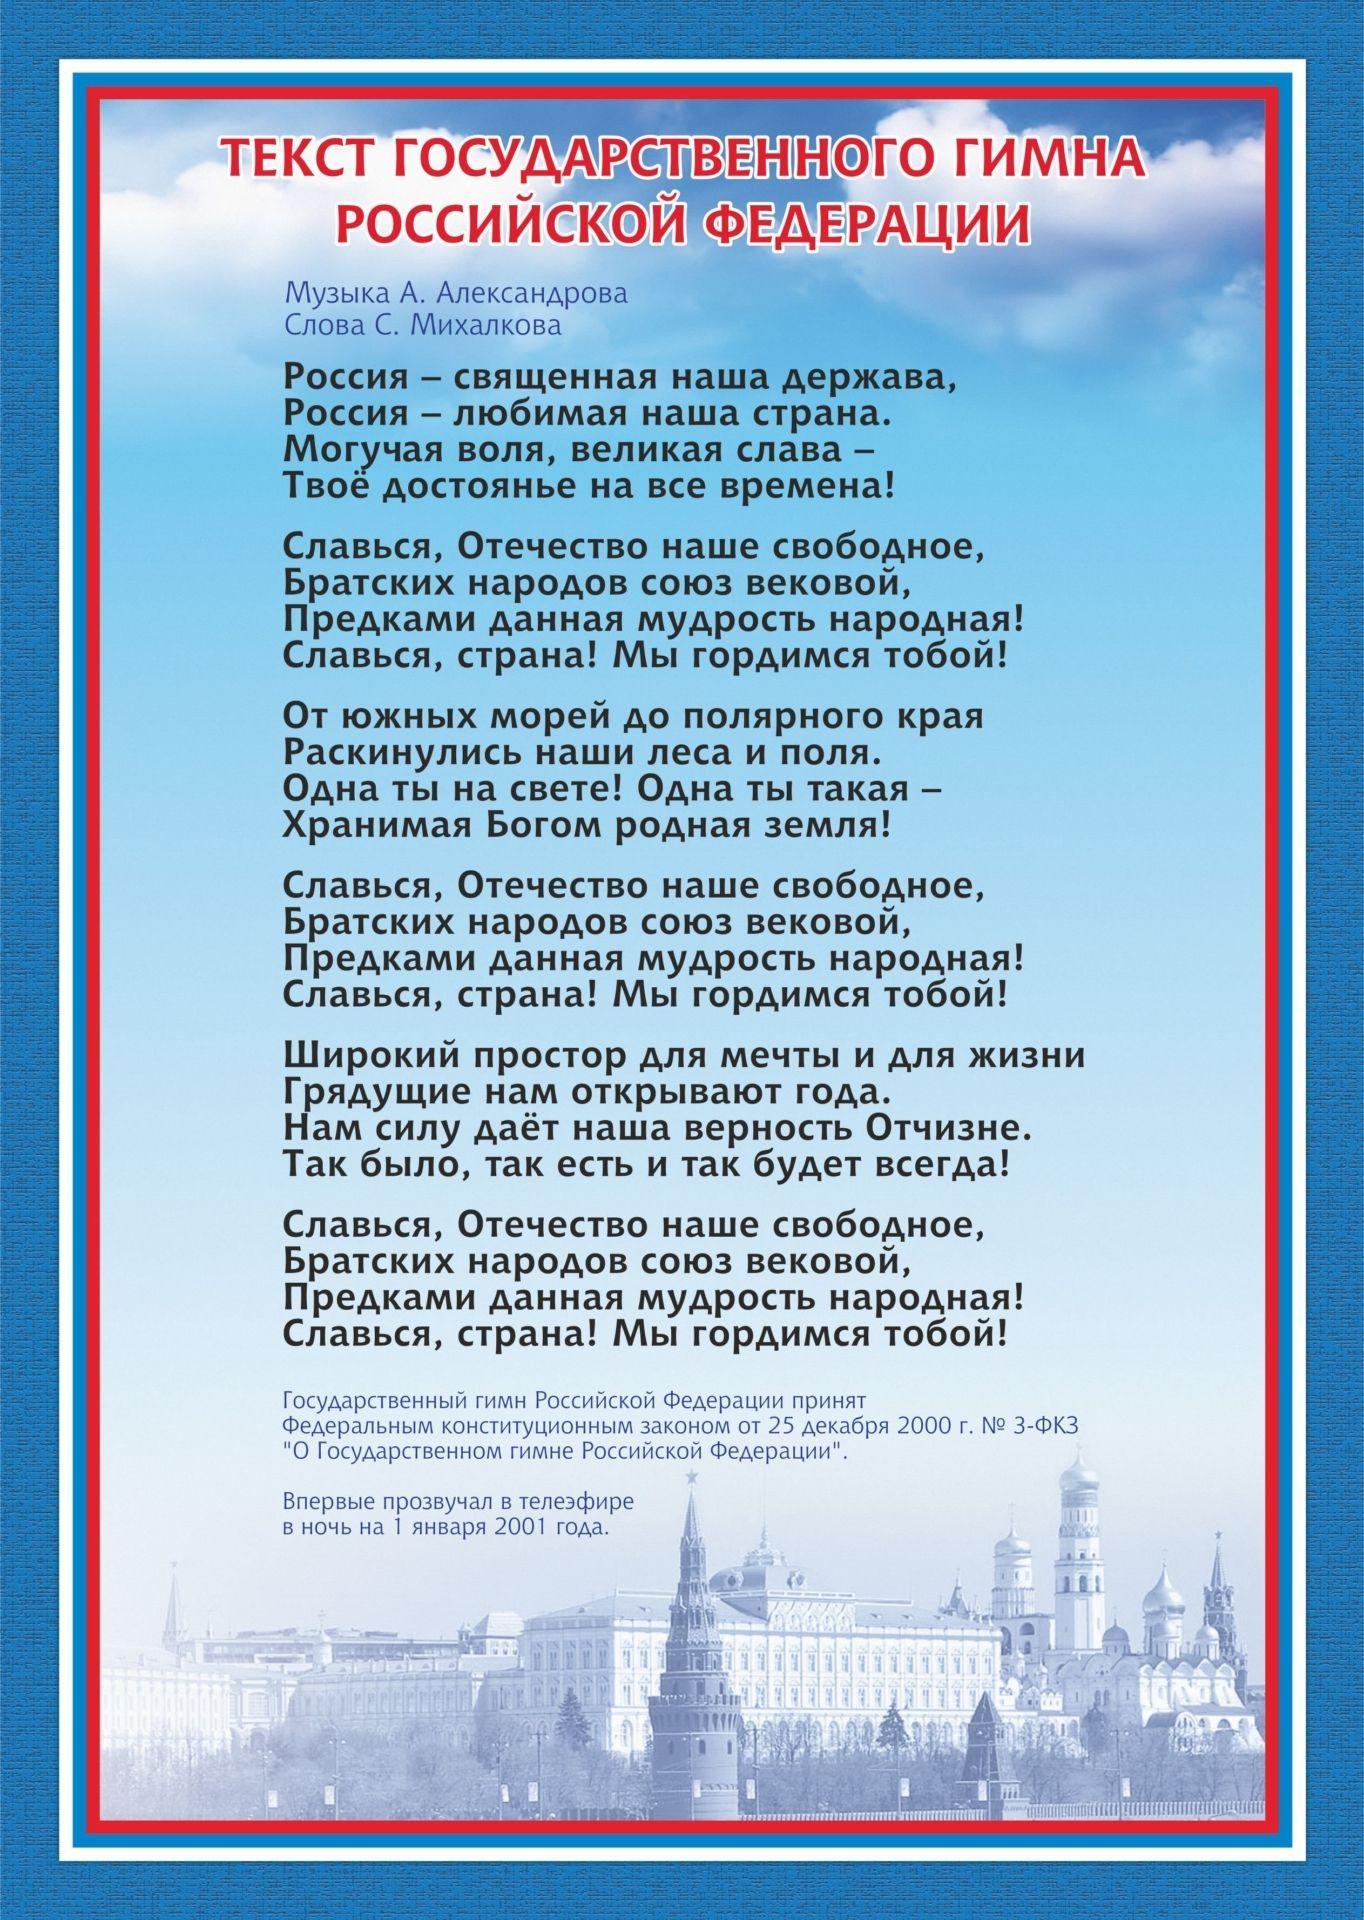 ингредиенты гимн россии фото картинки старый нашем